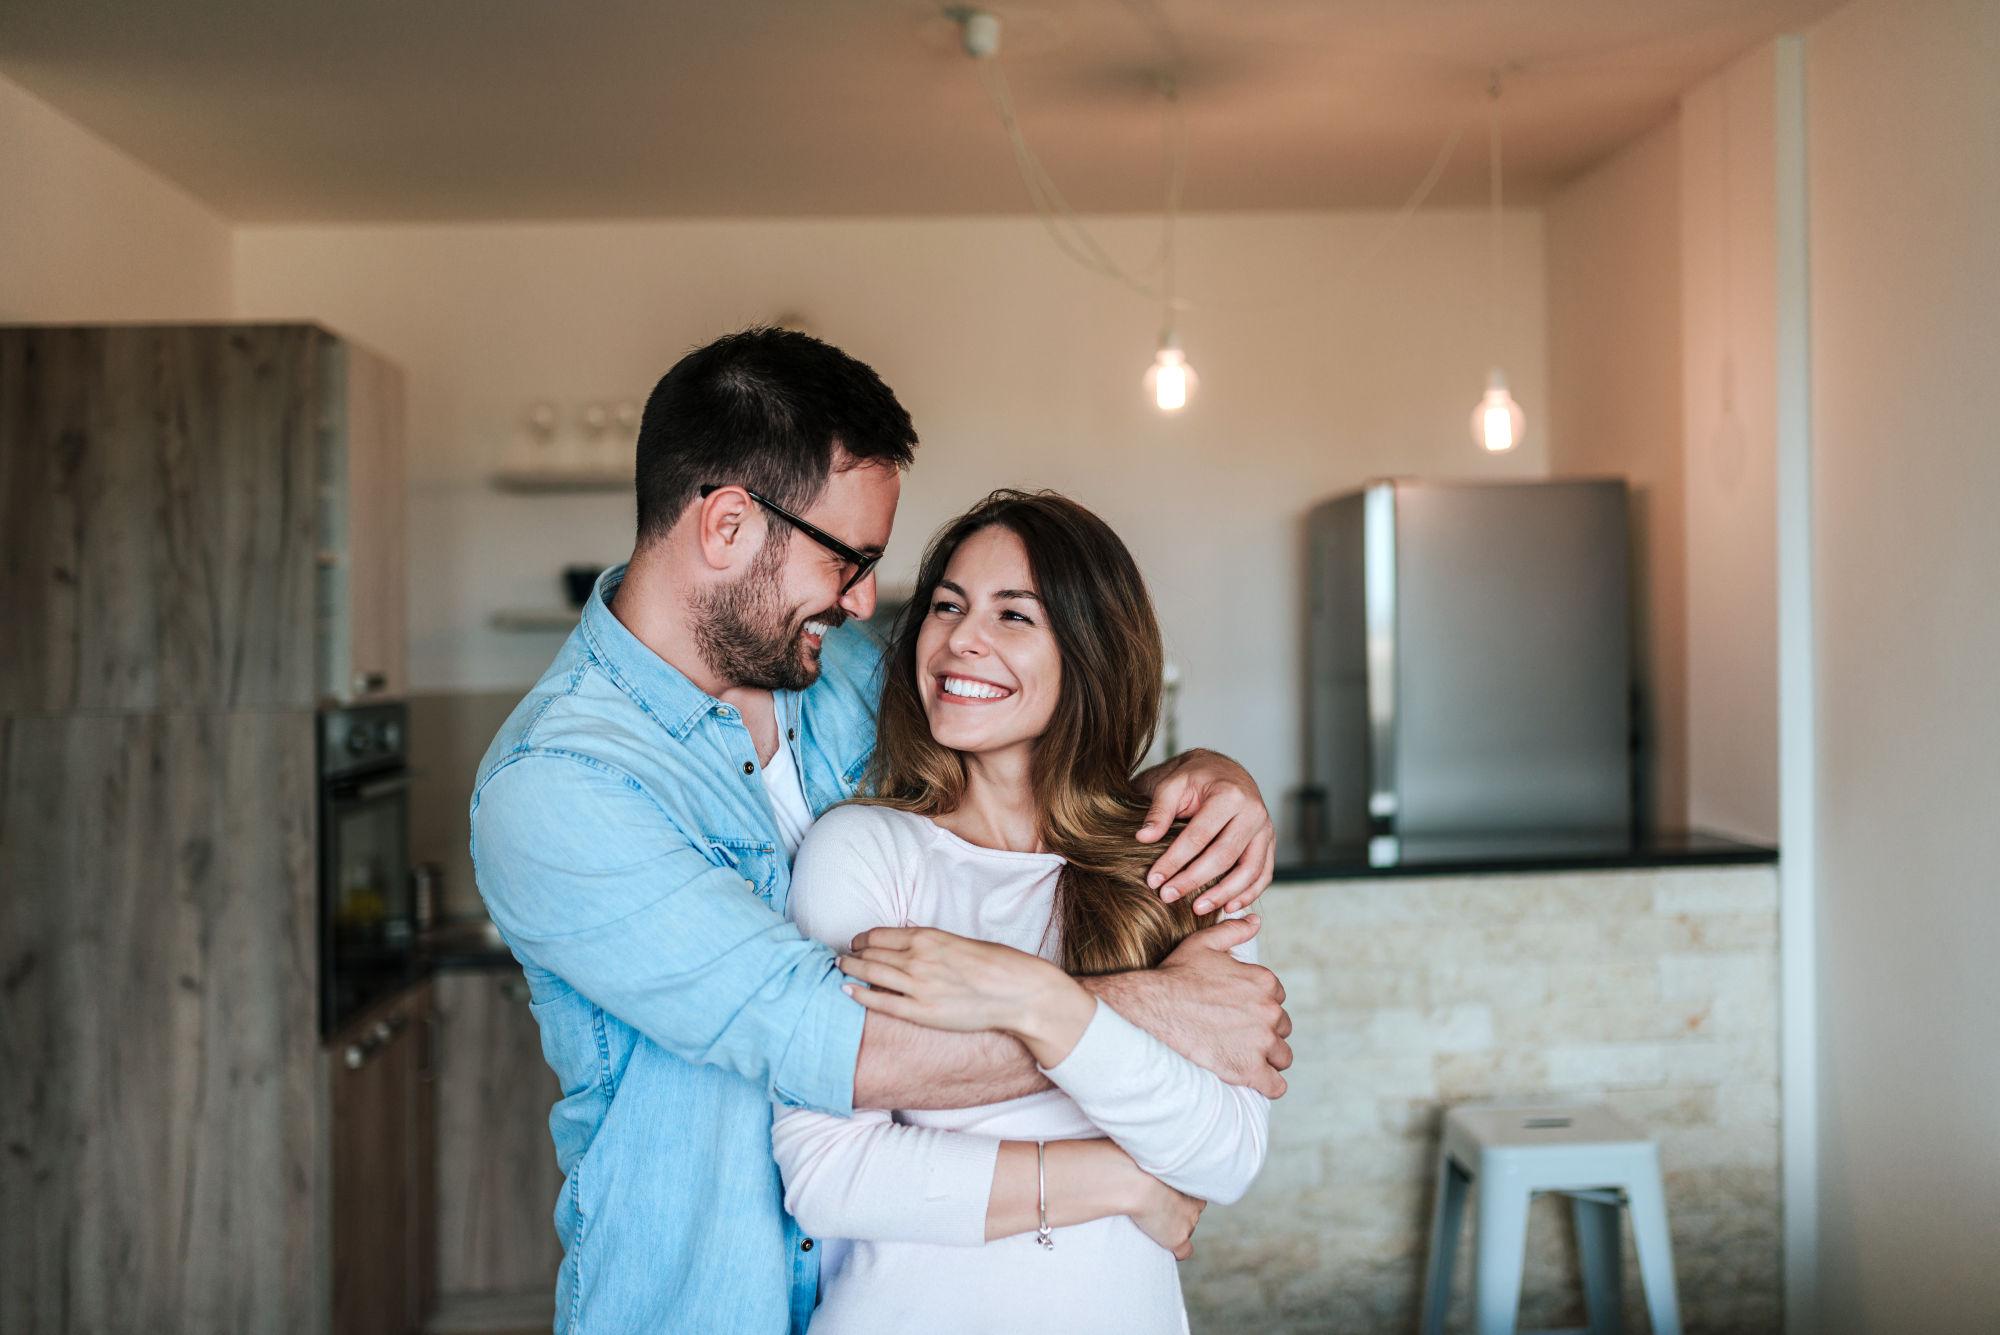 pareja abrazandose y sonriendo